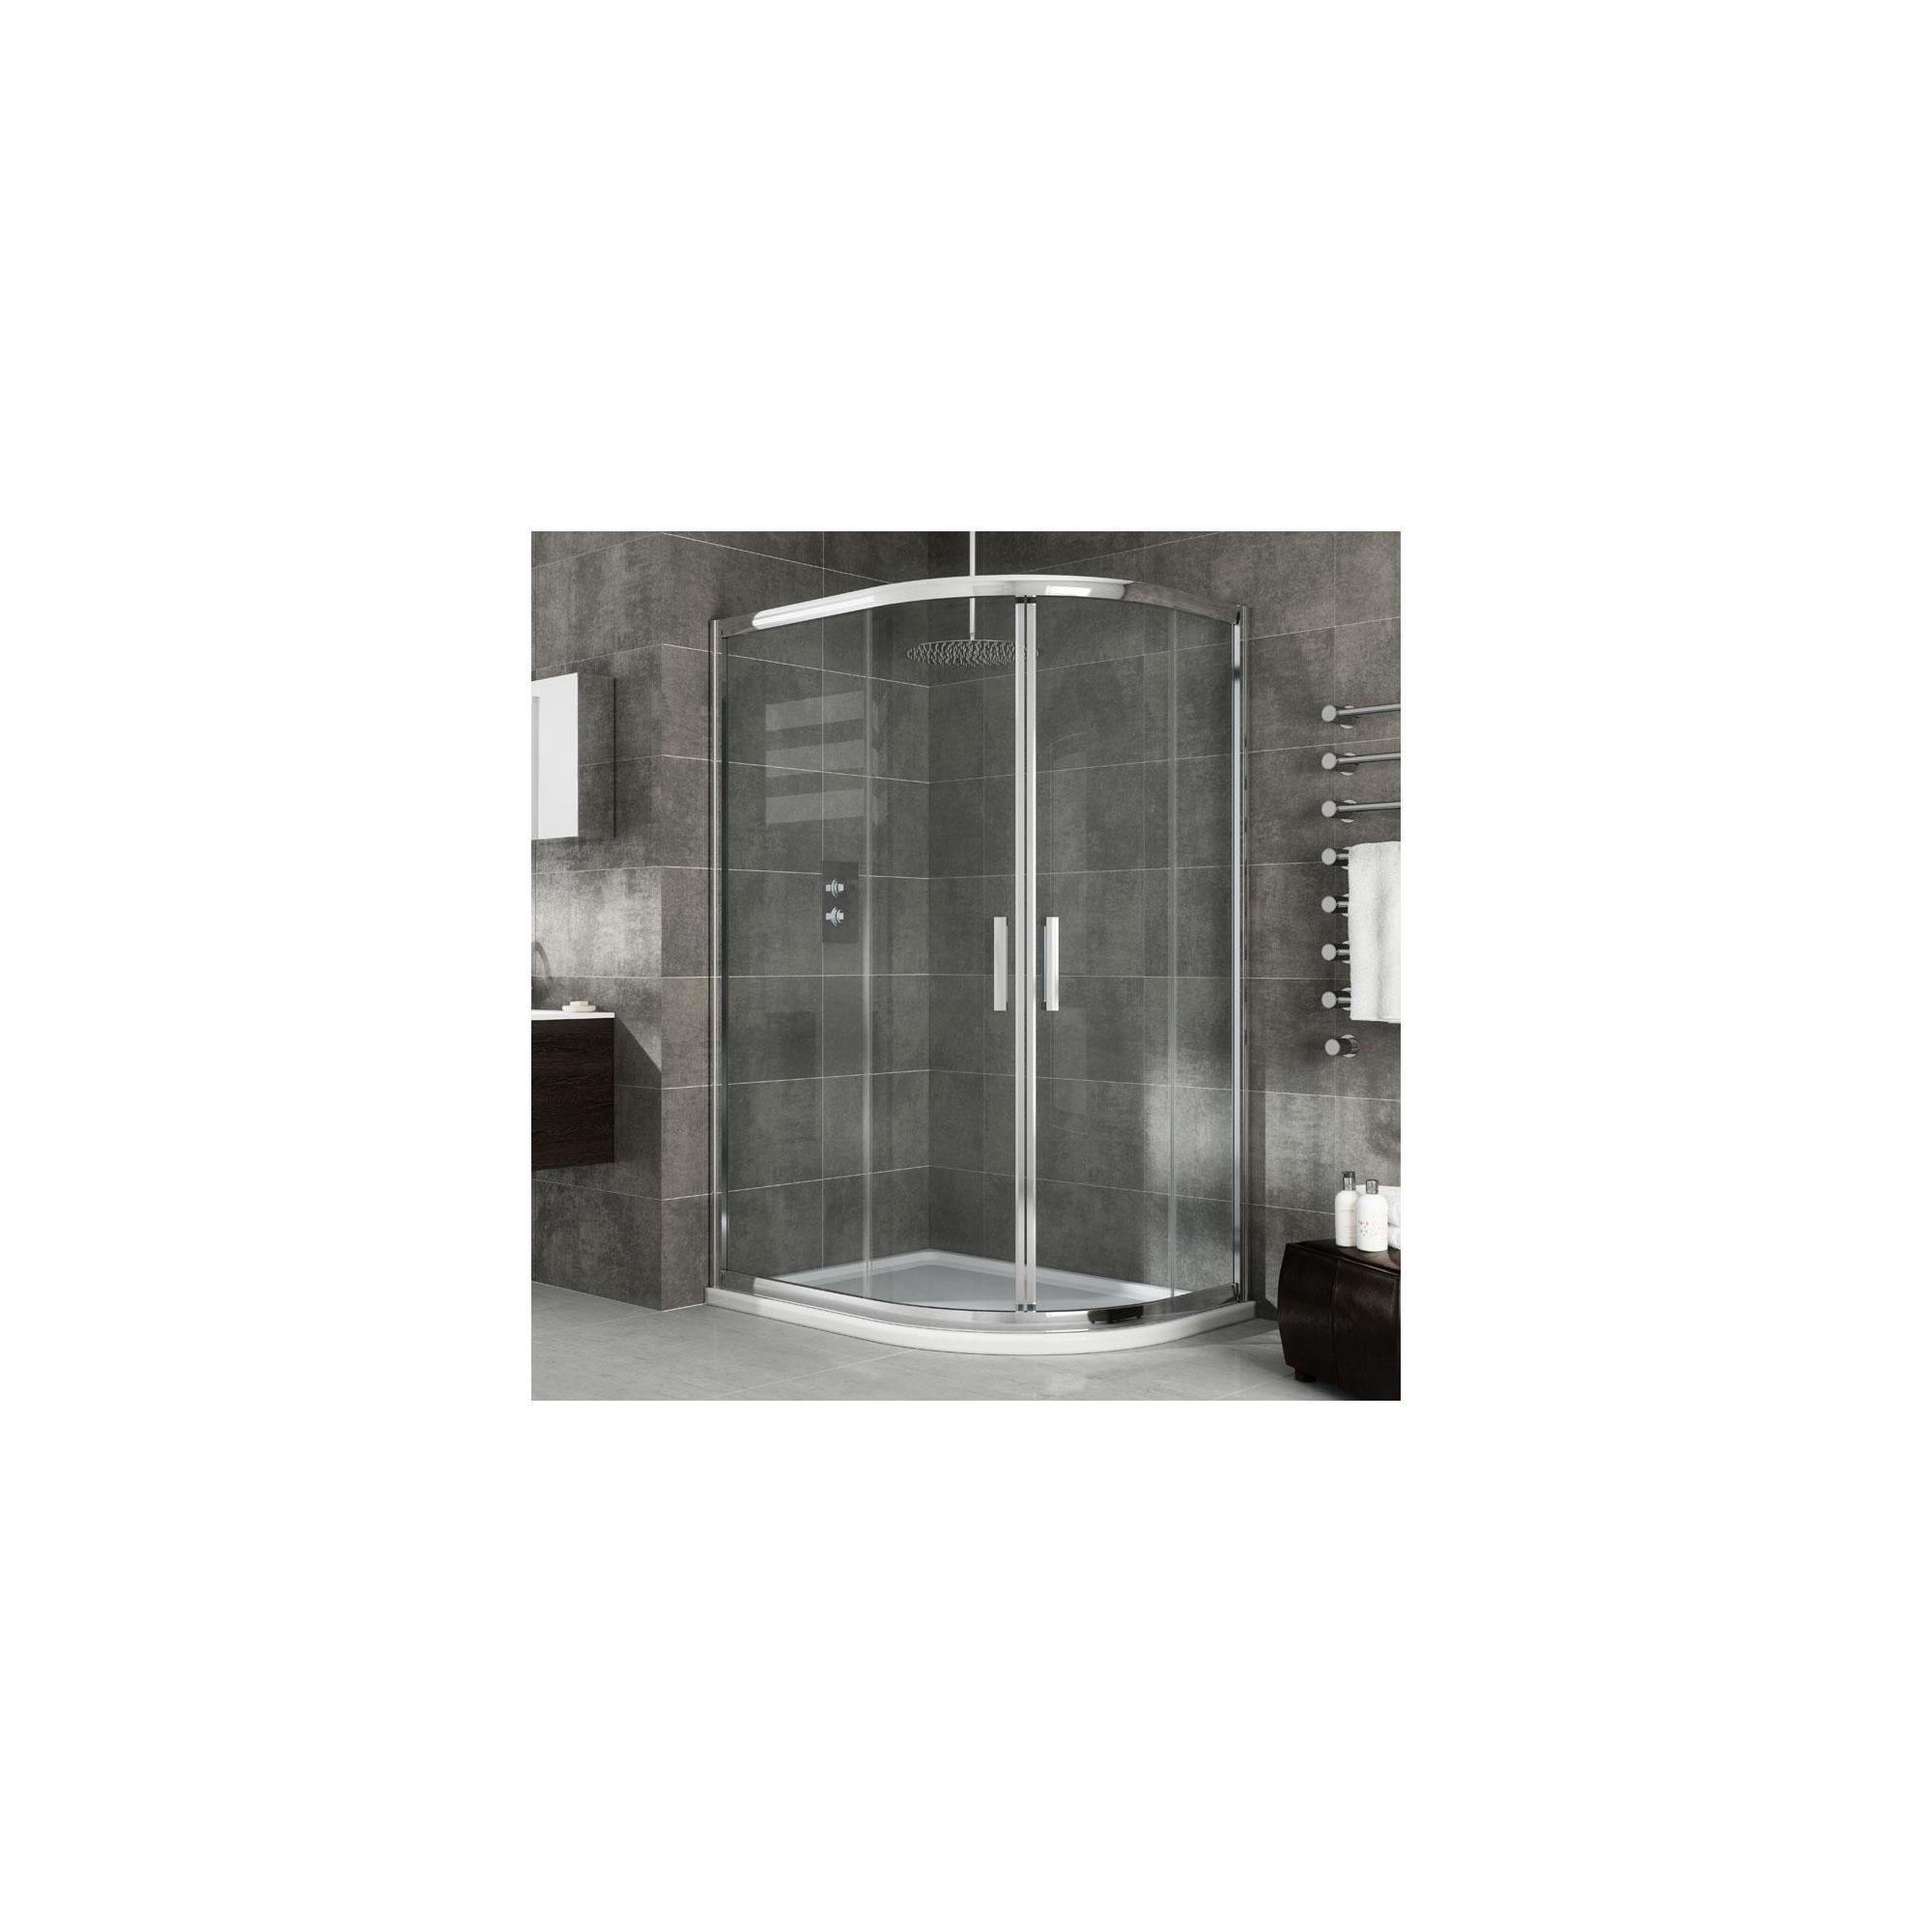 Elemis Eternity Two-Door Offset Quadrant Shower Door, 1200mm x 800mm, 8mm Glass at Tesco Direct